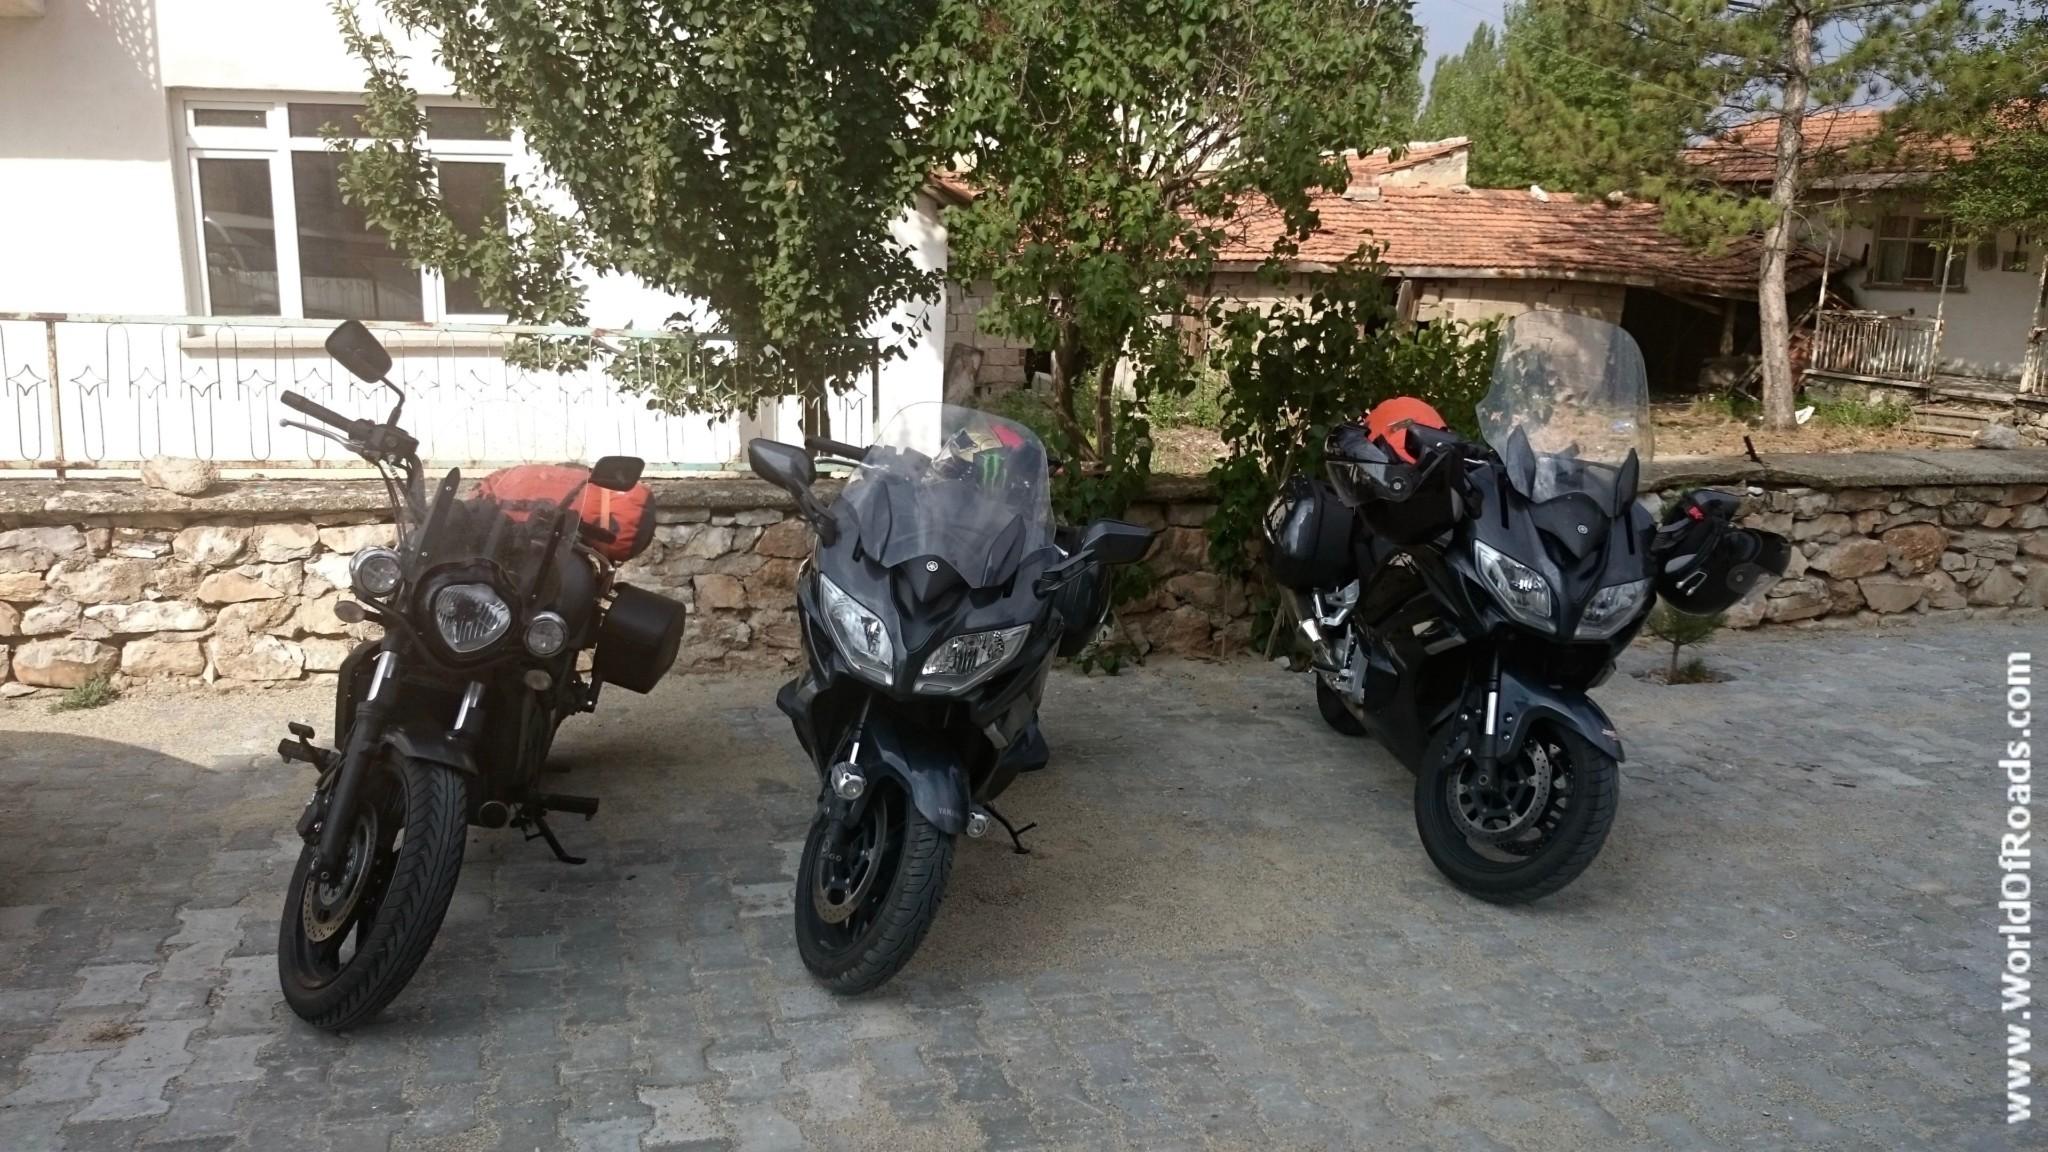 Yamaha FJR1300 Turkey